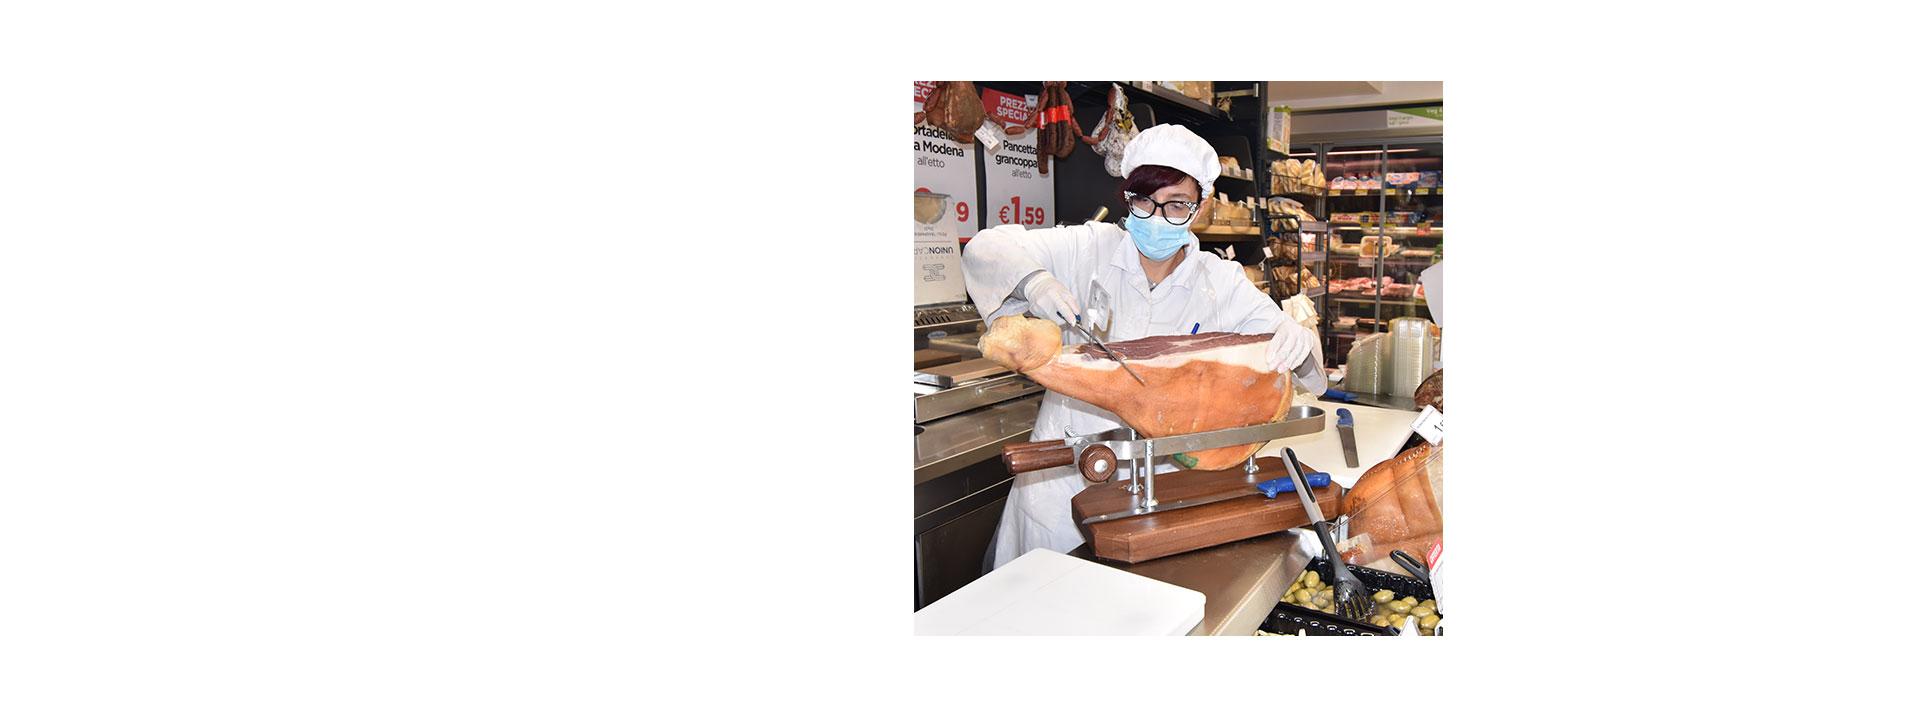 Bancone salumi e formaggi da Metà Supermercato in via Candia 82